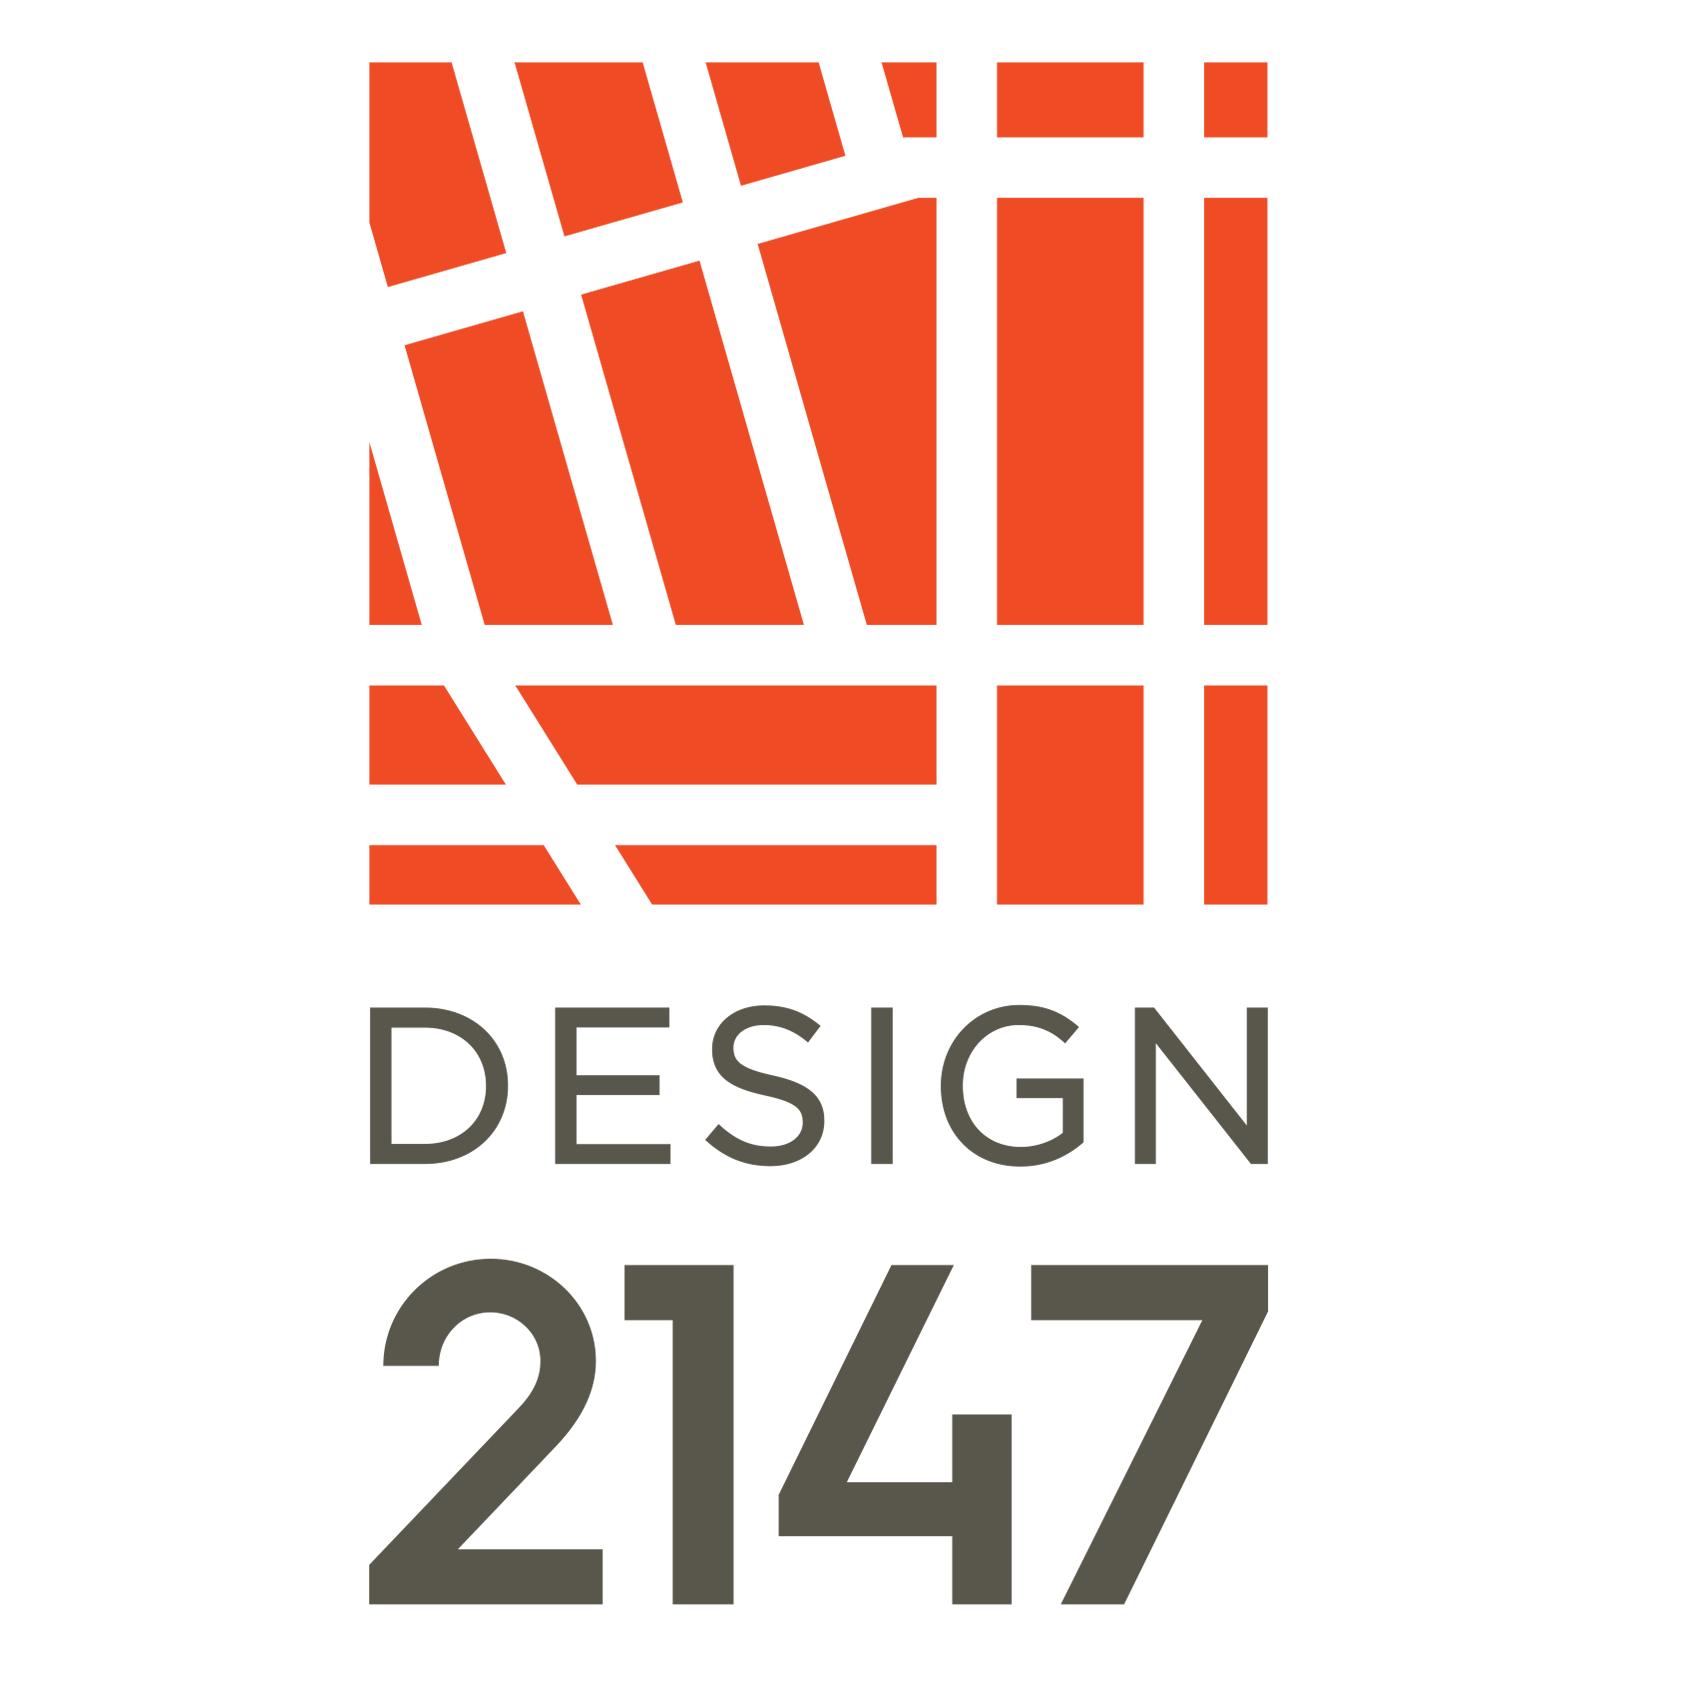 Design 2147, Ltd.